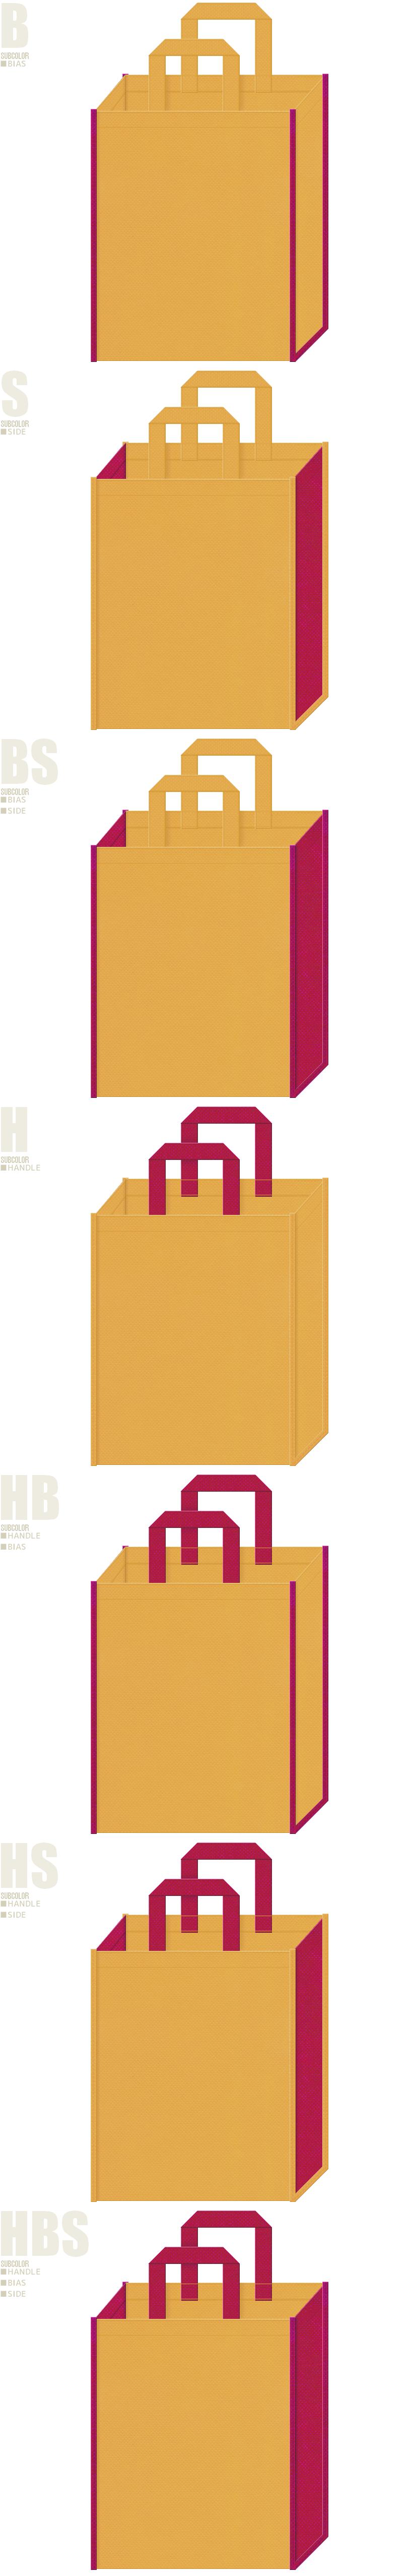 南国・トロピカル・フルーツカクテル・リゾート・トラベルバッグ・ゲーム・絵本・おとぎ話・お菓子の家・プリンセス・テーマパークにお奨めの不織布バッグデザイン:黄土色と濃いピンク色の配色7パターン